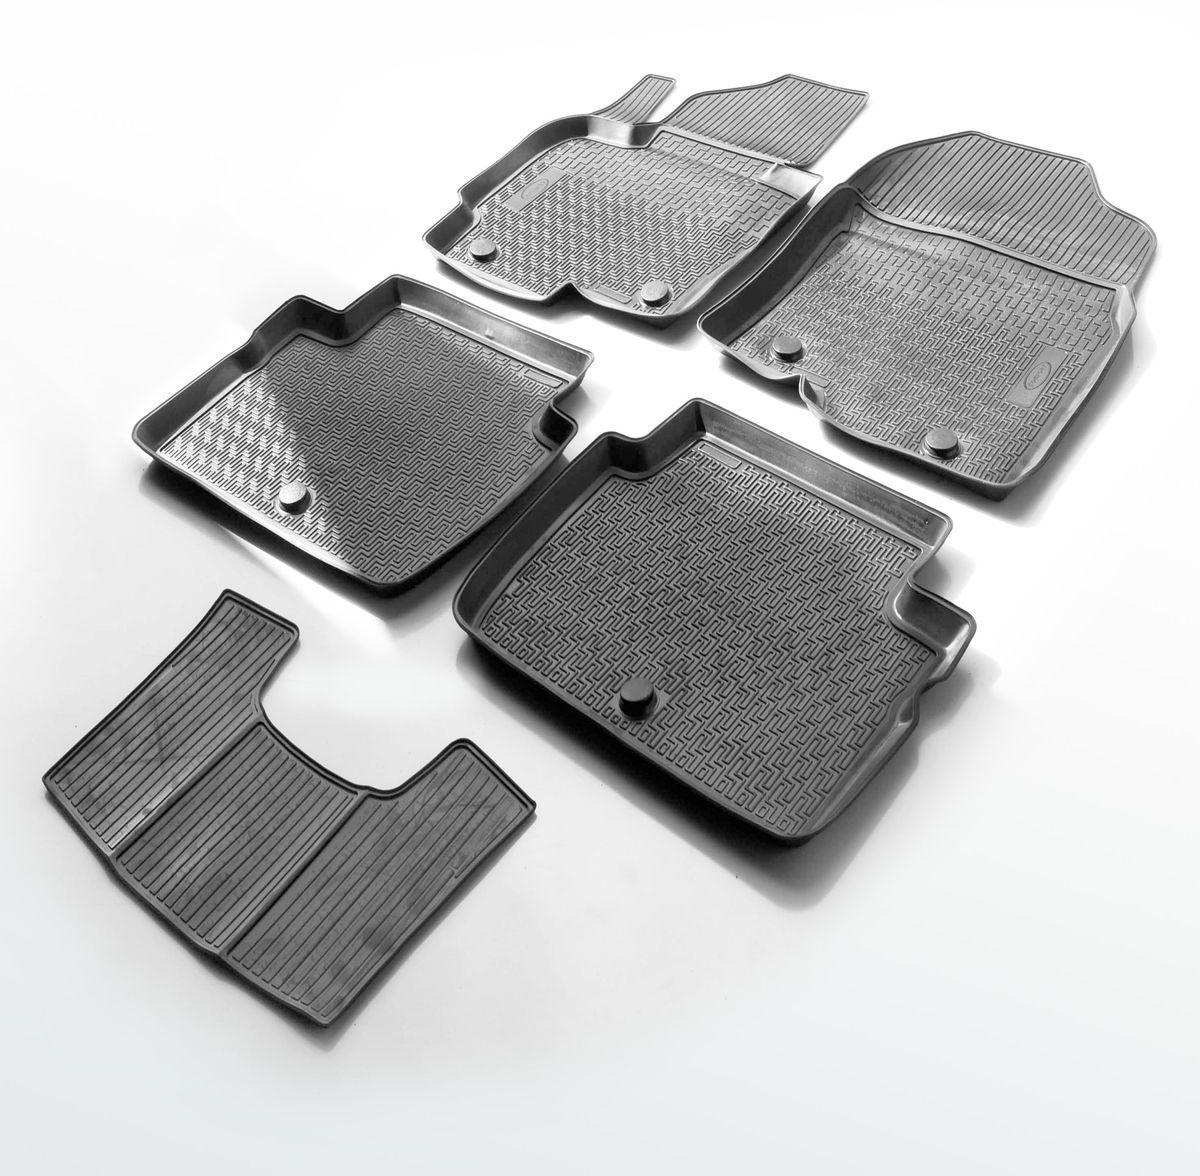 Коврики салона Rival для Toyota Corolla 2006-2013, c перемычкой, полиуретан15702002Прочные и долговечные коврики Rival в салон автомобиля, изготовлены из высококачественного и экологичного сырья. Коврики полностью повторяют геометрию салона вашего автомобиля.- Надежная система крепления, позволяющая закрепить коврик на штатные элементы фиксации, в результате чего отсутствует эффект скольжения по салону автомобиля.- Высокая стойкость поверхности к стиранию.- Специализированный рисунок и высокий борт, препятствующие распространению грязи и жидкости по поверхности коврика.- Перемычка задних ковриков в комплекте предотвращает загрязнение тоннеля карданного вала.- Коврики произведены из первичных материалов, в результате чего отсутствует неприятный запах в салоне автомобиля.- Высокая эластичность, можно беспрепятственно эксплуатировать при температуре от -45°C до +45°C. Уважаемые клиенты! Обращаем ваше внимание, что коврики имеют форму, соответствующую модели данного автомобиля. Фото служит для визуального восприятия товара.